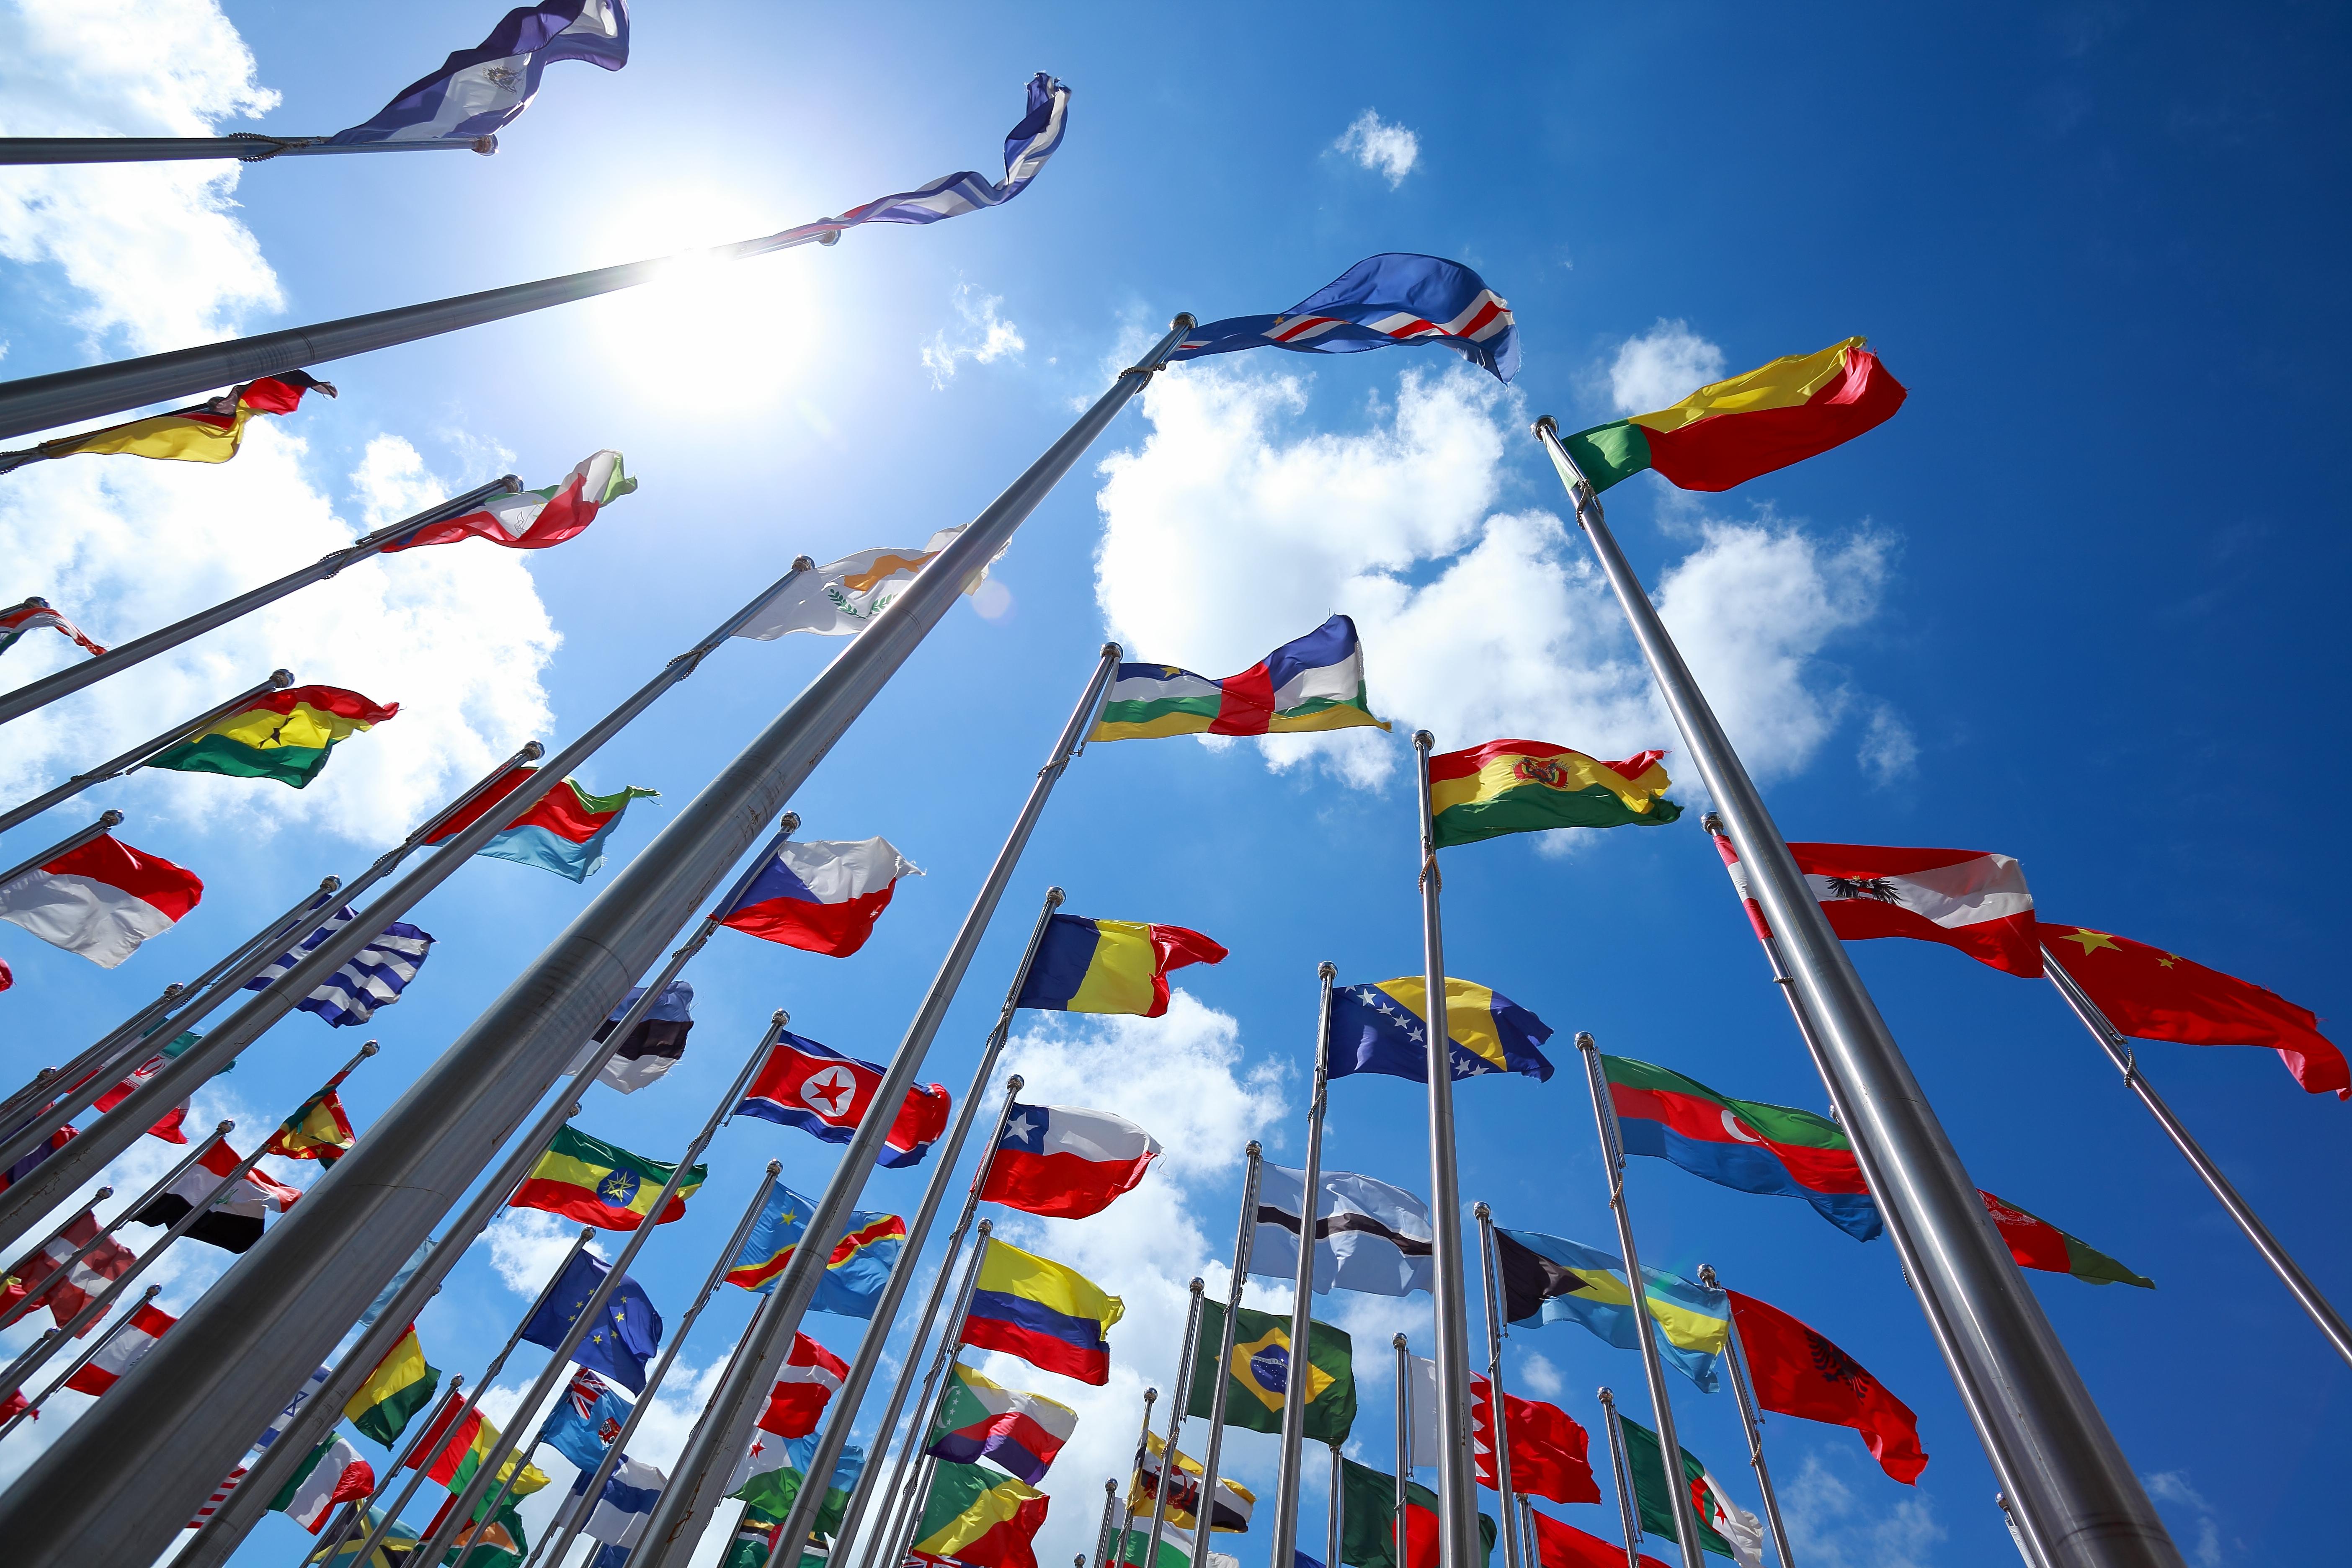 coopération internationale fruits et légumes santé environnement - Aprifel